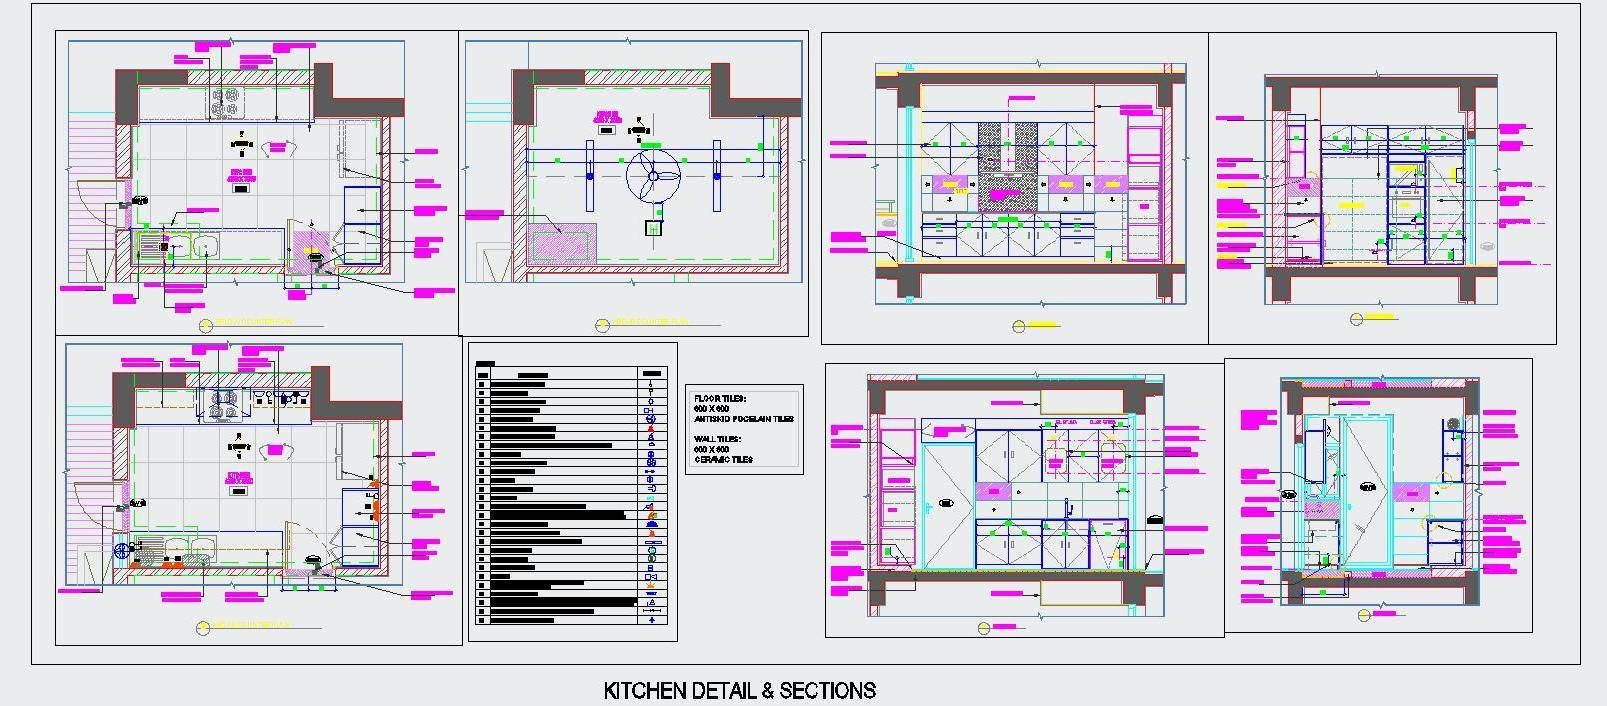 simple autocad kitchen design  download autocad